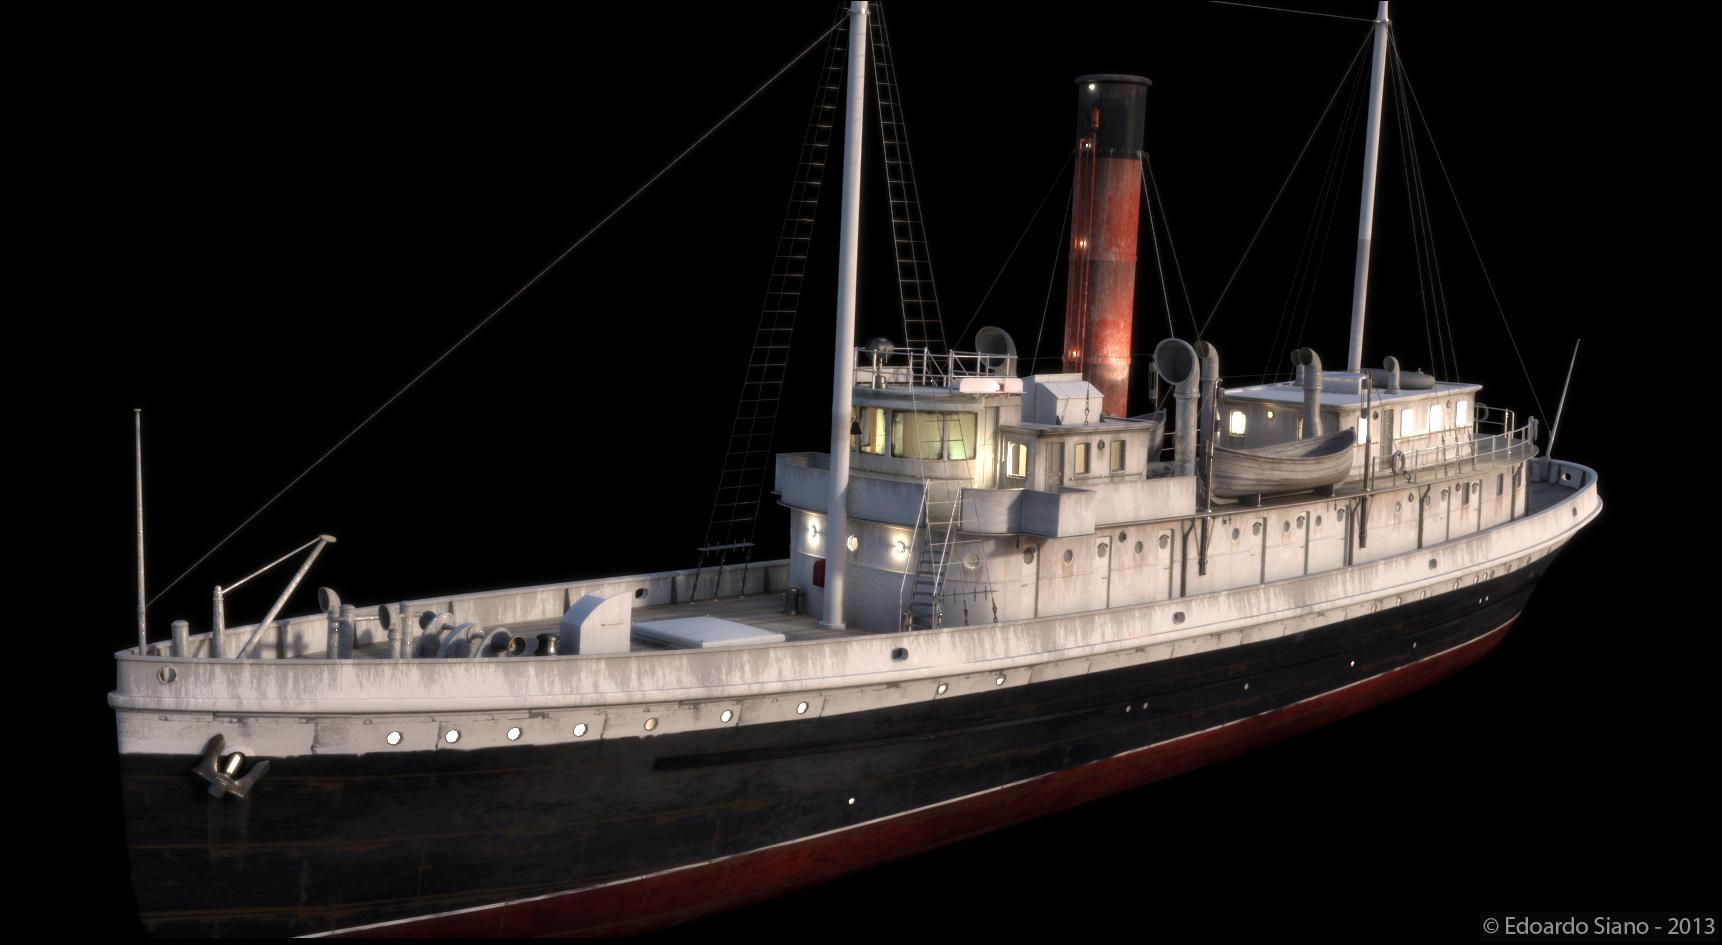 Steam_BoatLight.jpg